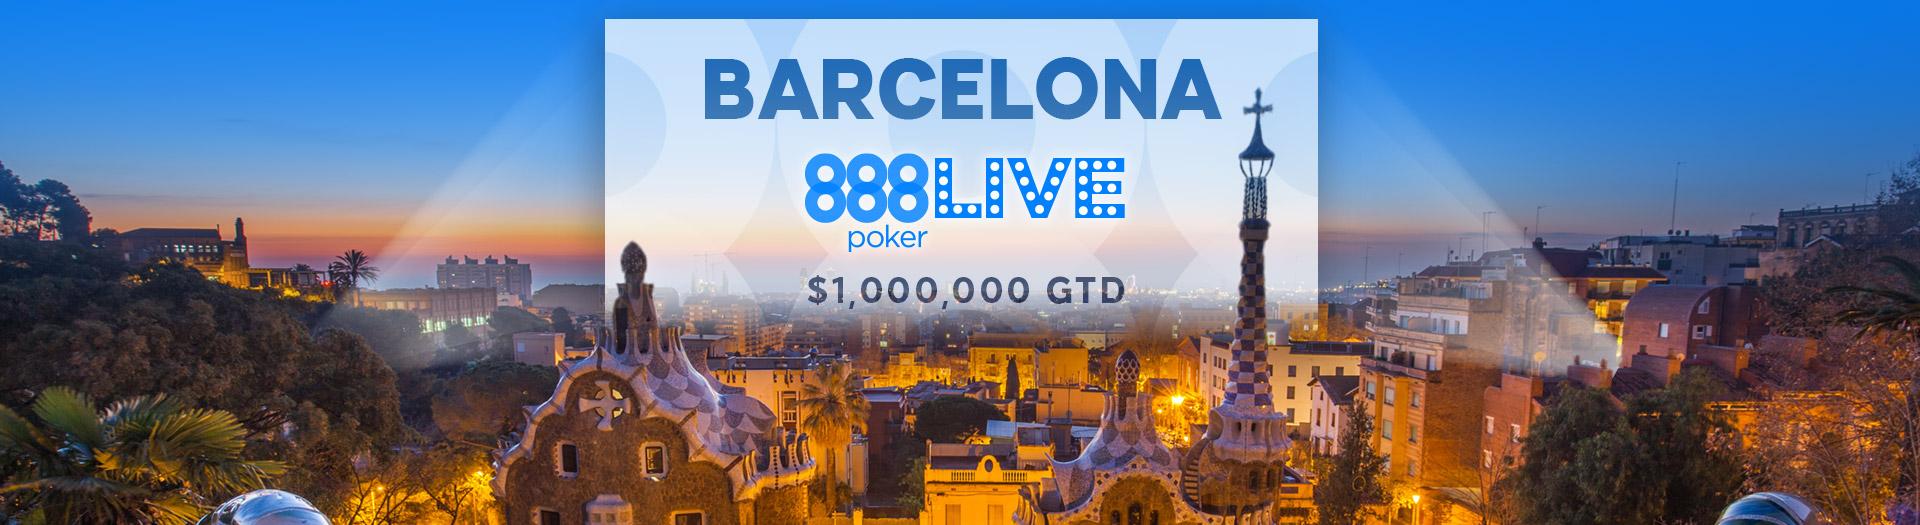 888poker-live_barcelona_event-page-header